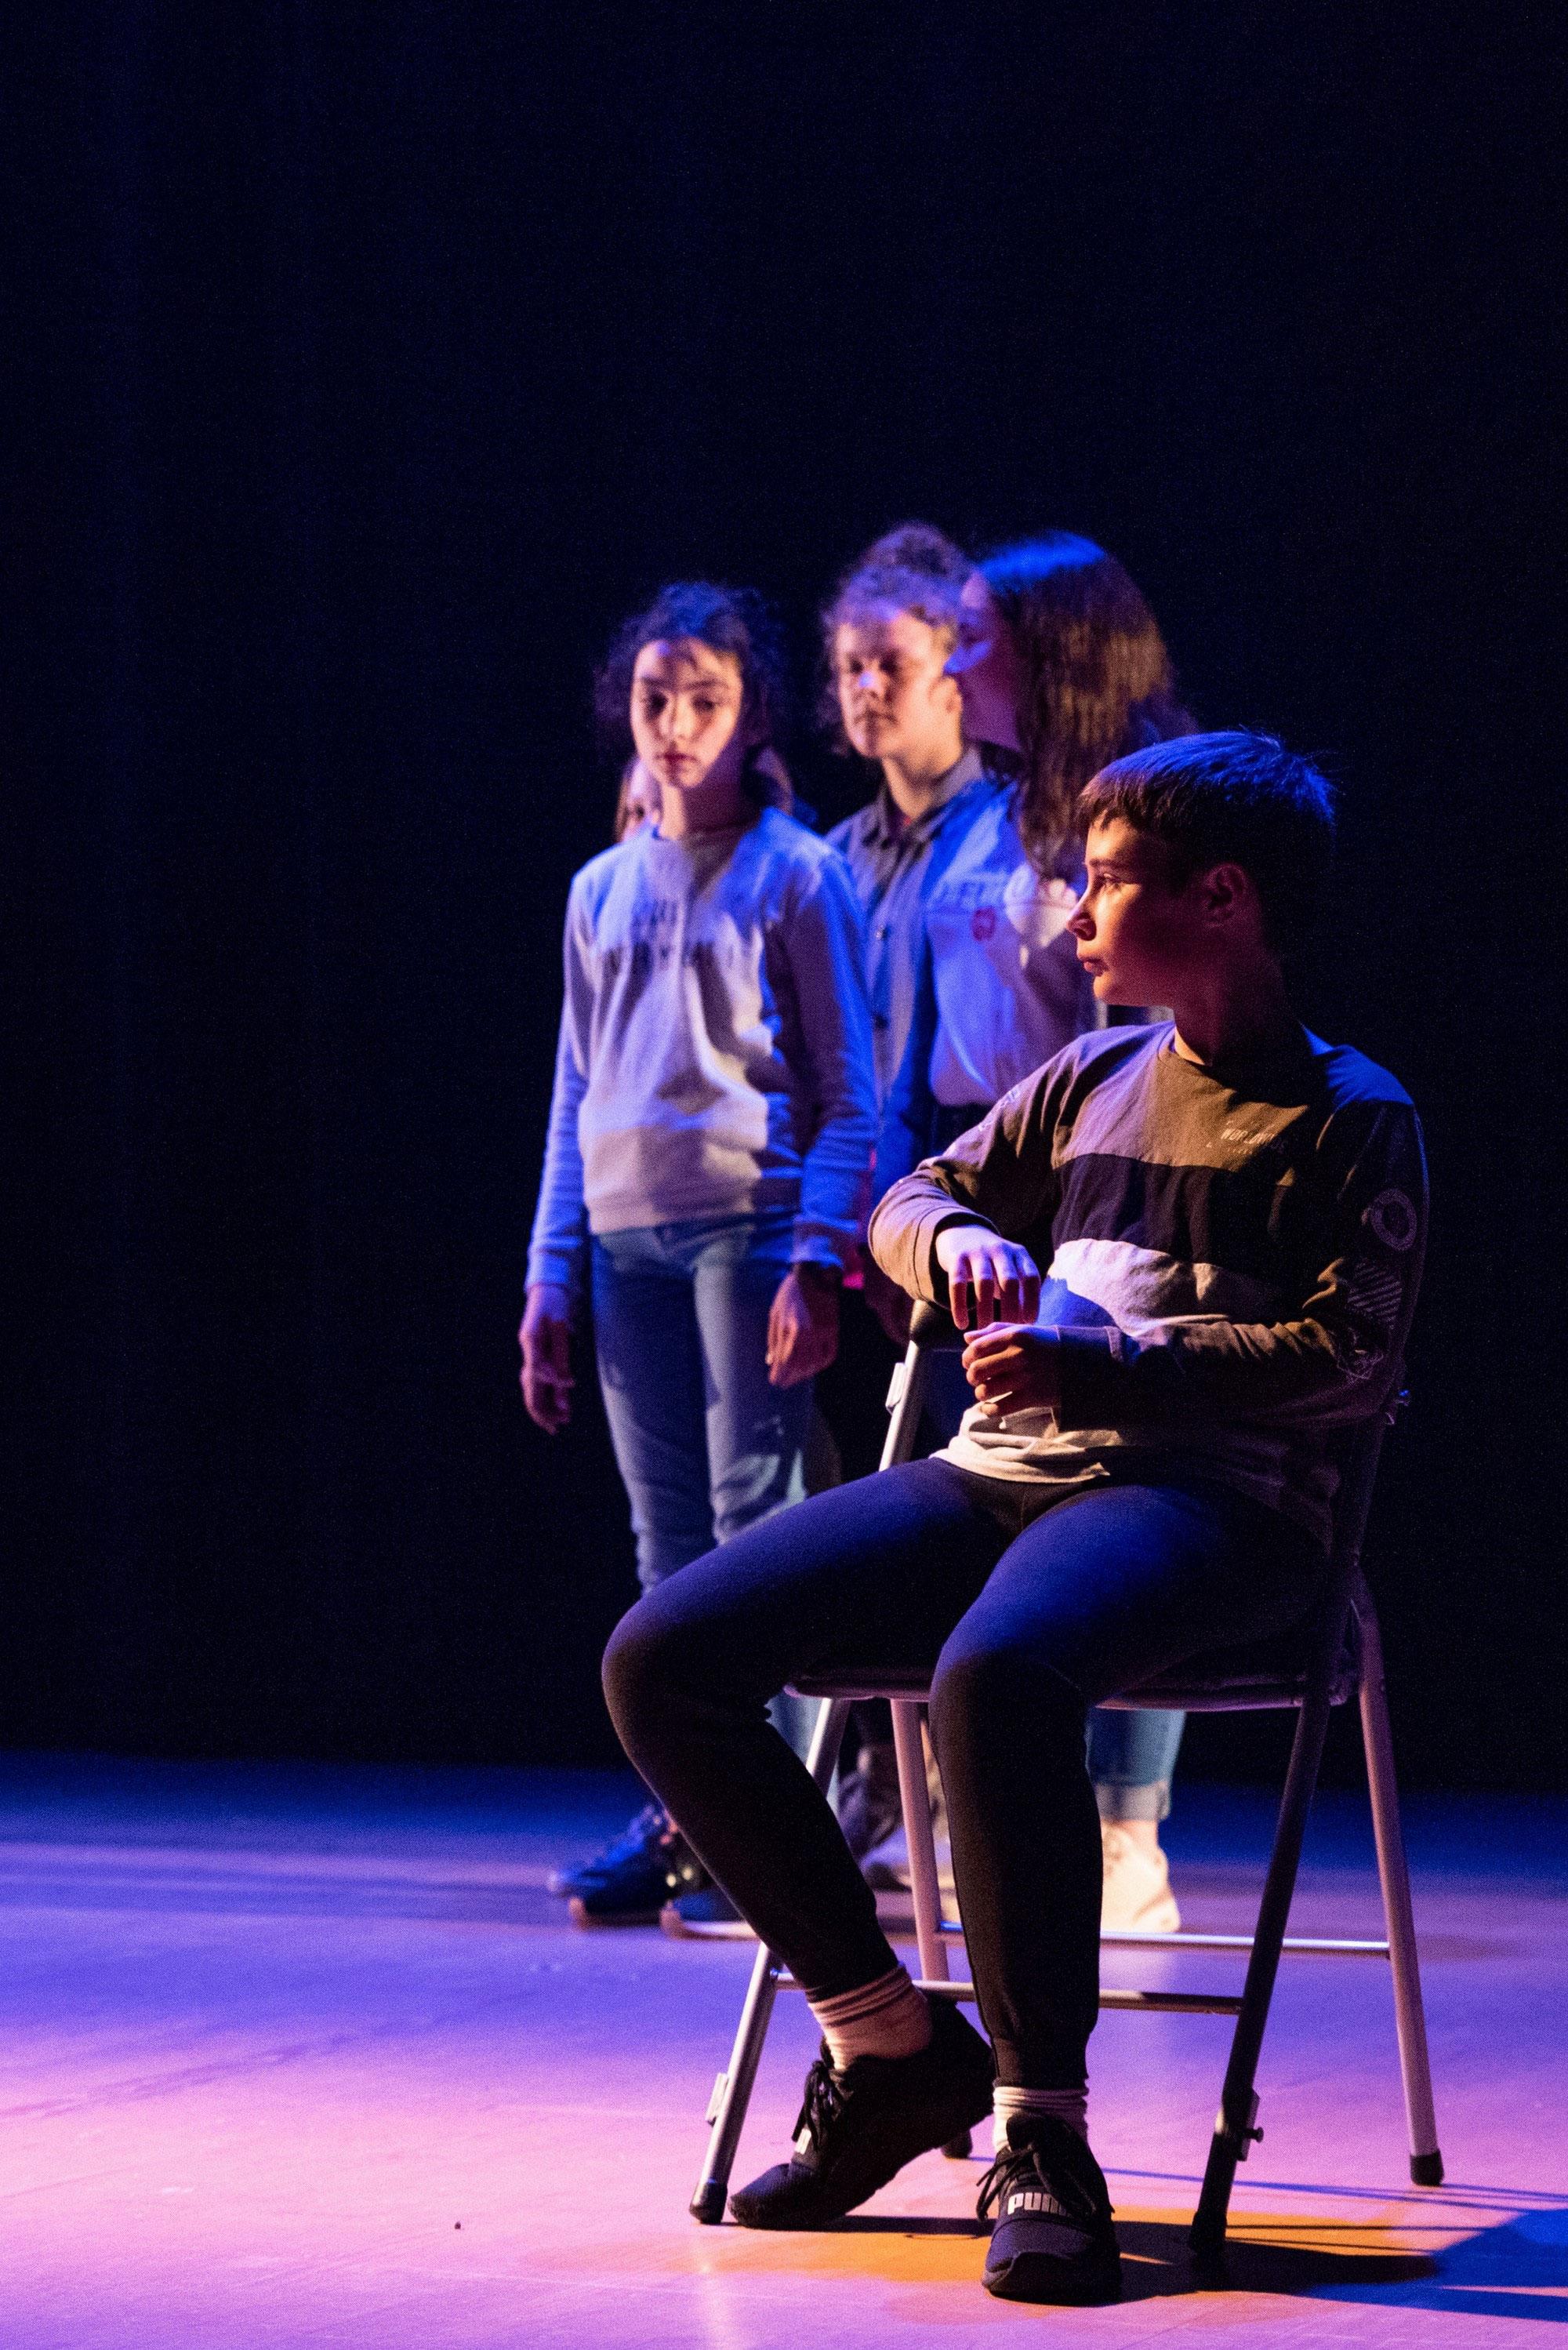 espace-sciences-rennes-theatre-college-planches-127-degres-st-brice-des-gens-comme_7